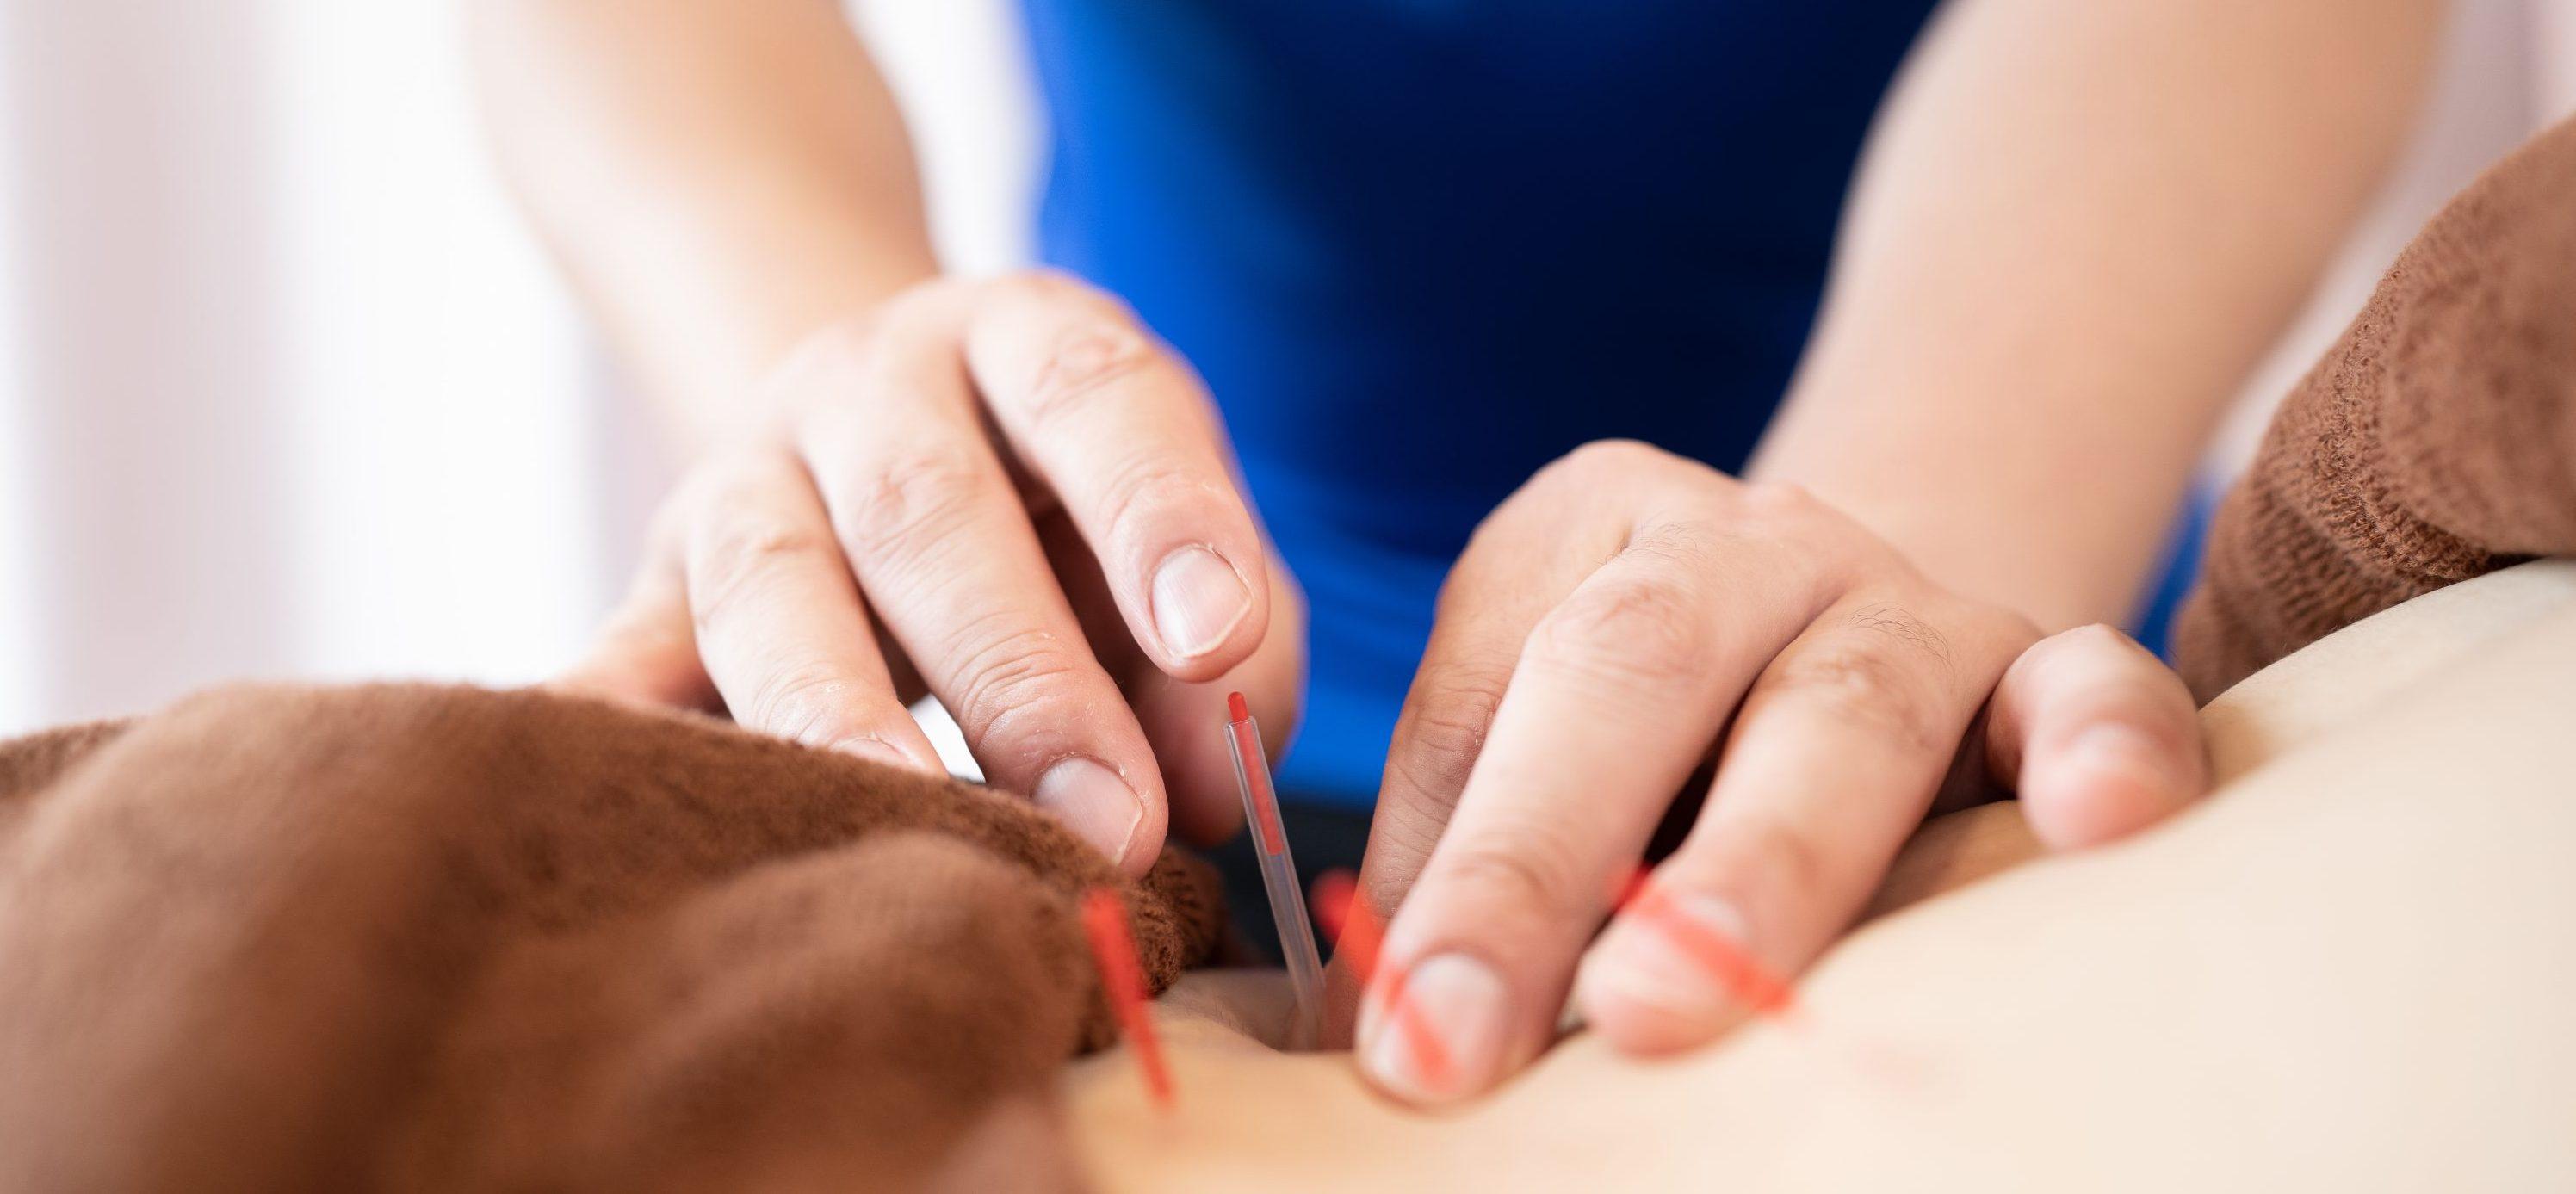 スポーツ鍼灸|福島市の桂はり・きゅう整骨院